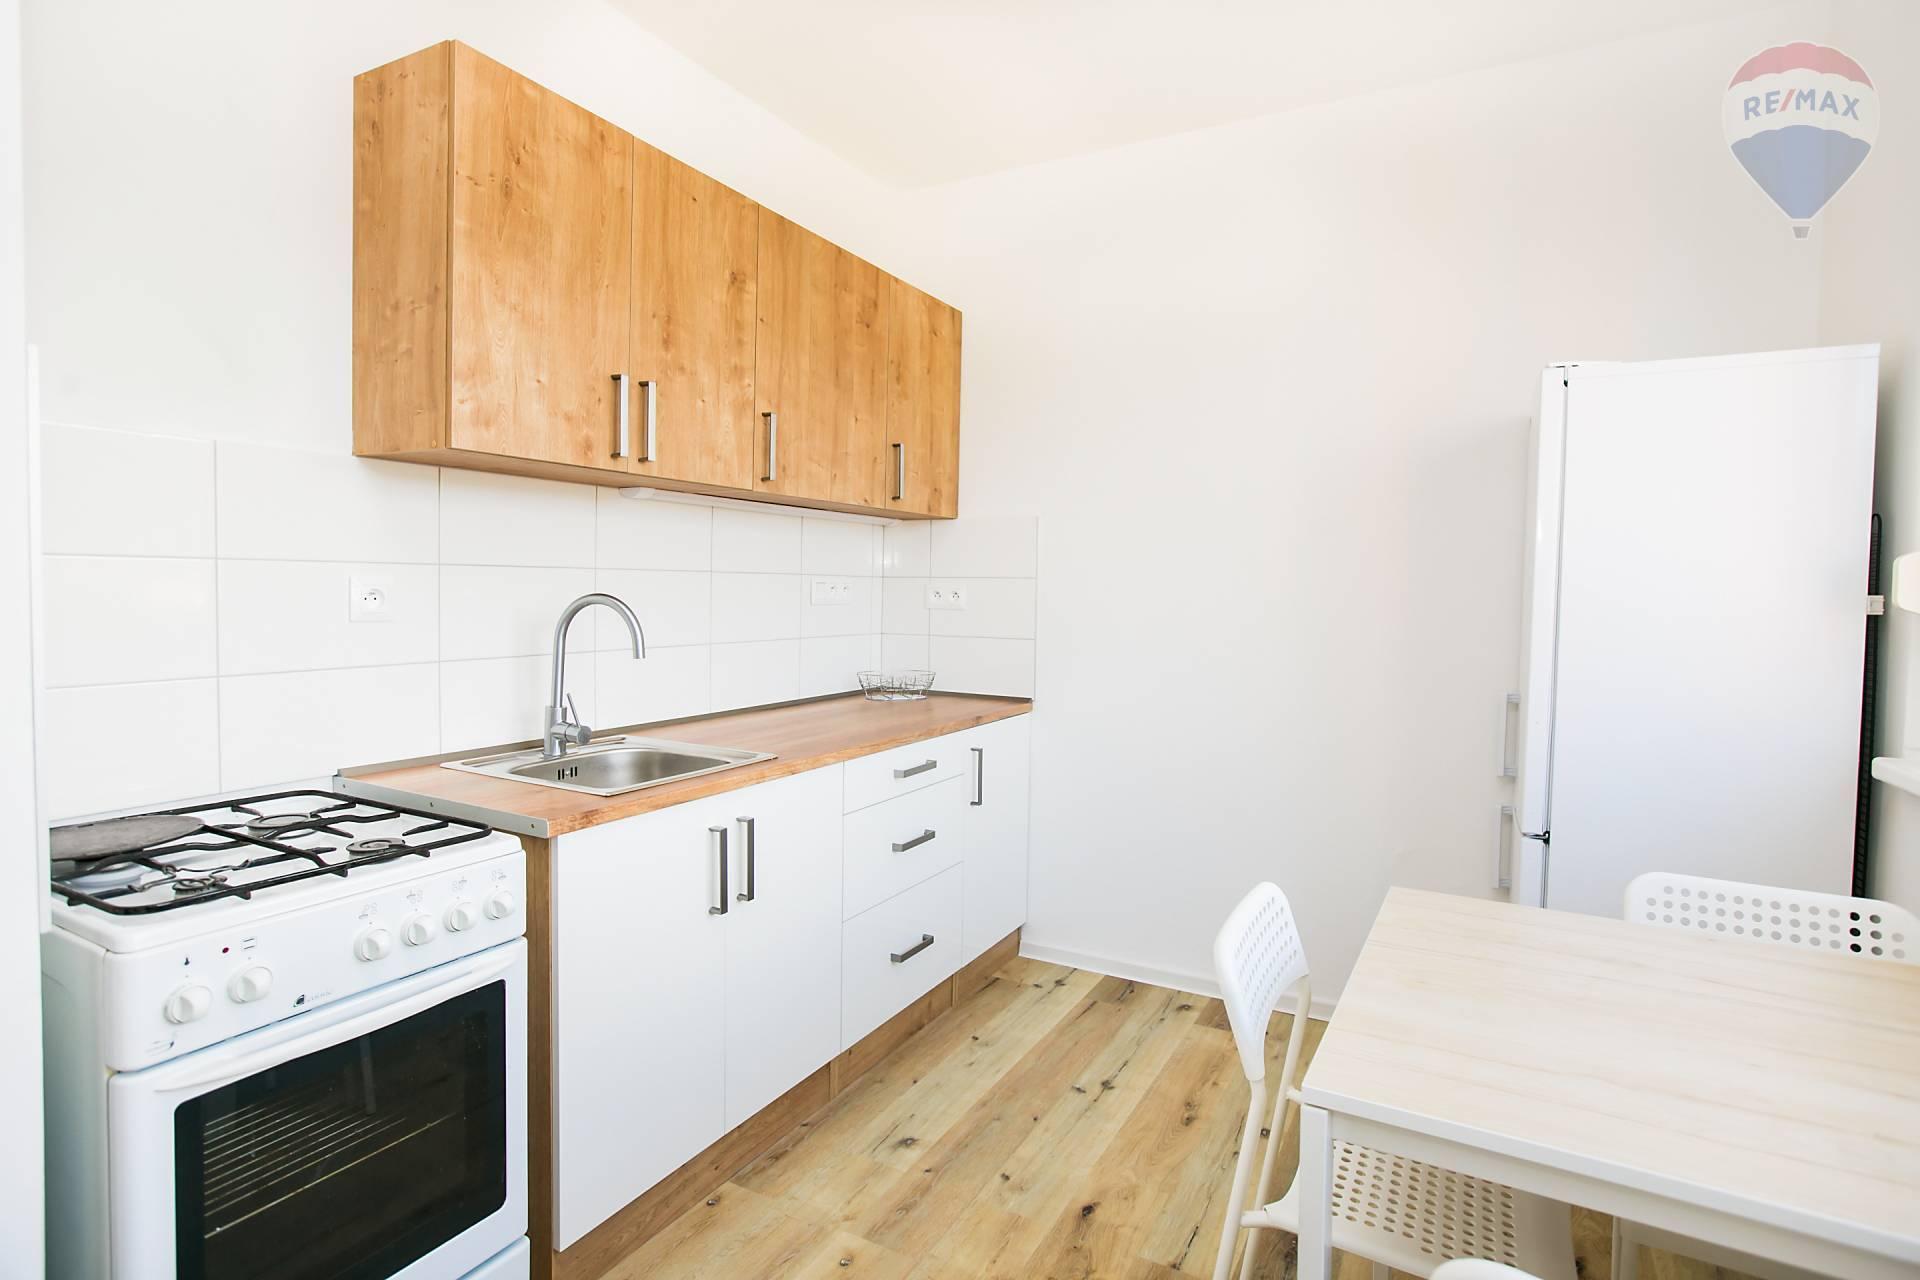 ❗❗KOMPLETNÁ REKONŠTRUKCIA❗❗NA PRENÁJOM 3 izbový byt s loggiou